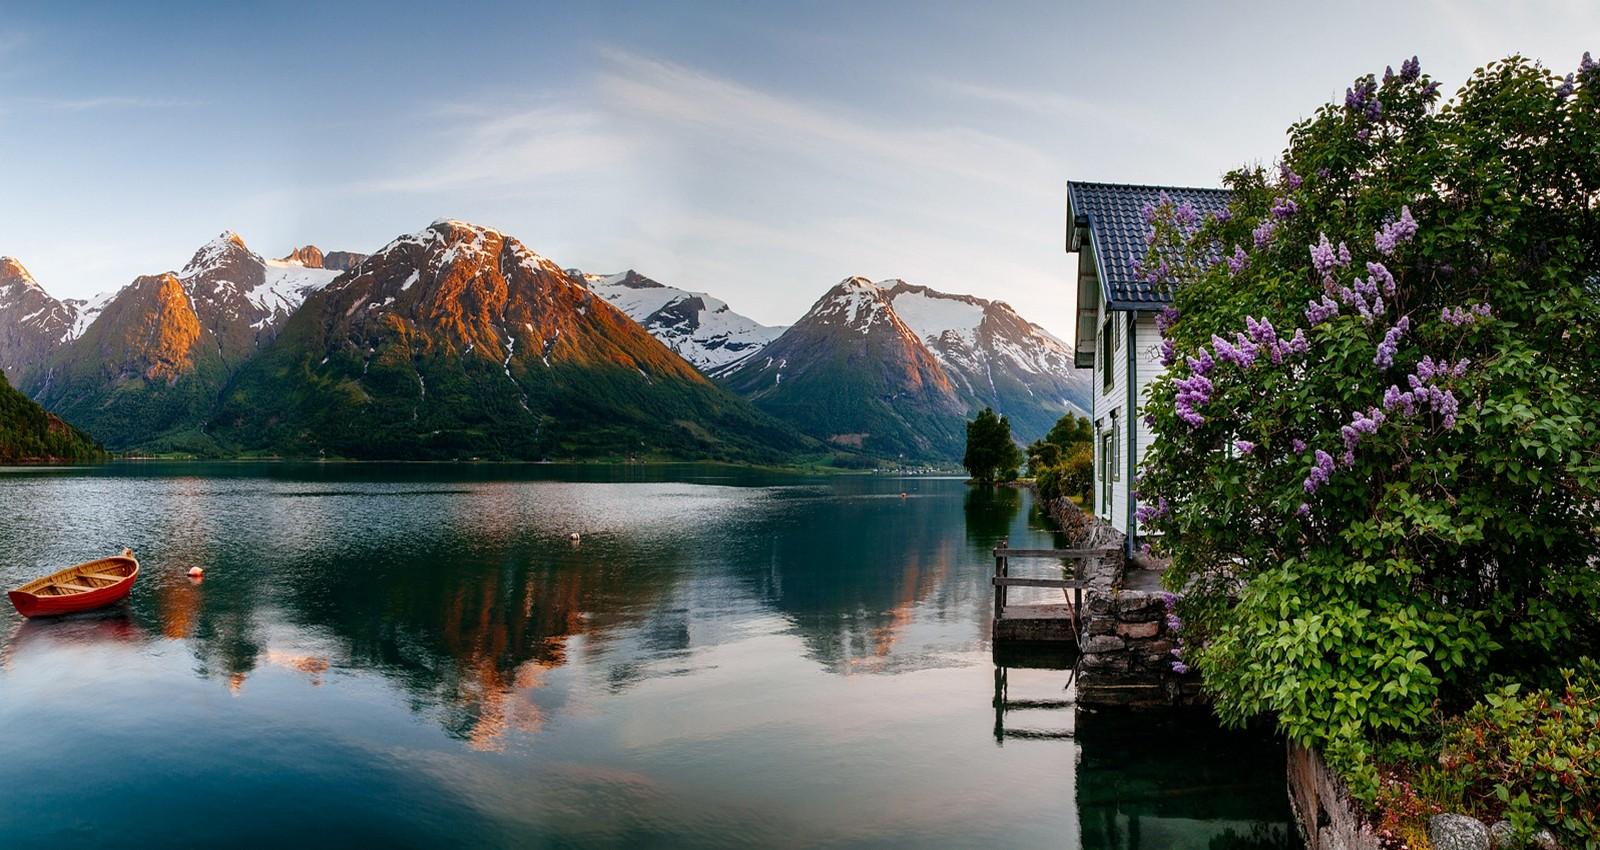 fond d 39 cran paysage montagnes bateau mer fleurs lac eau la nature r flexion maison. Black Bedroom Furniture Sets. Home Design Ideas